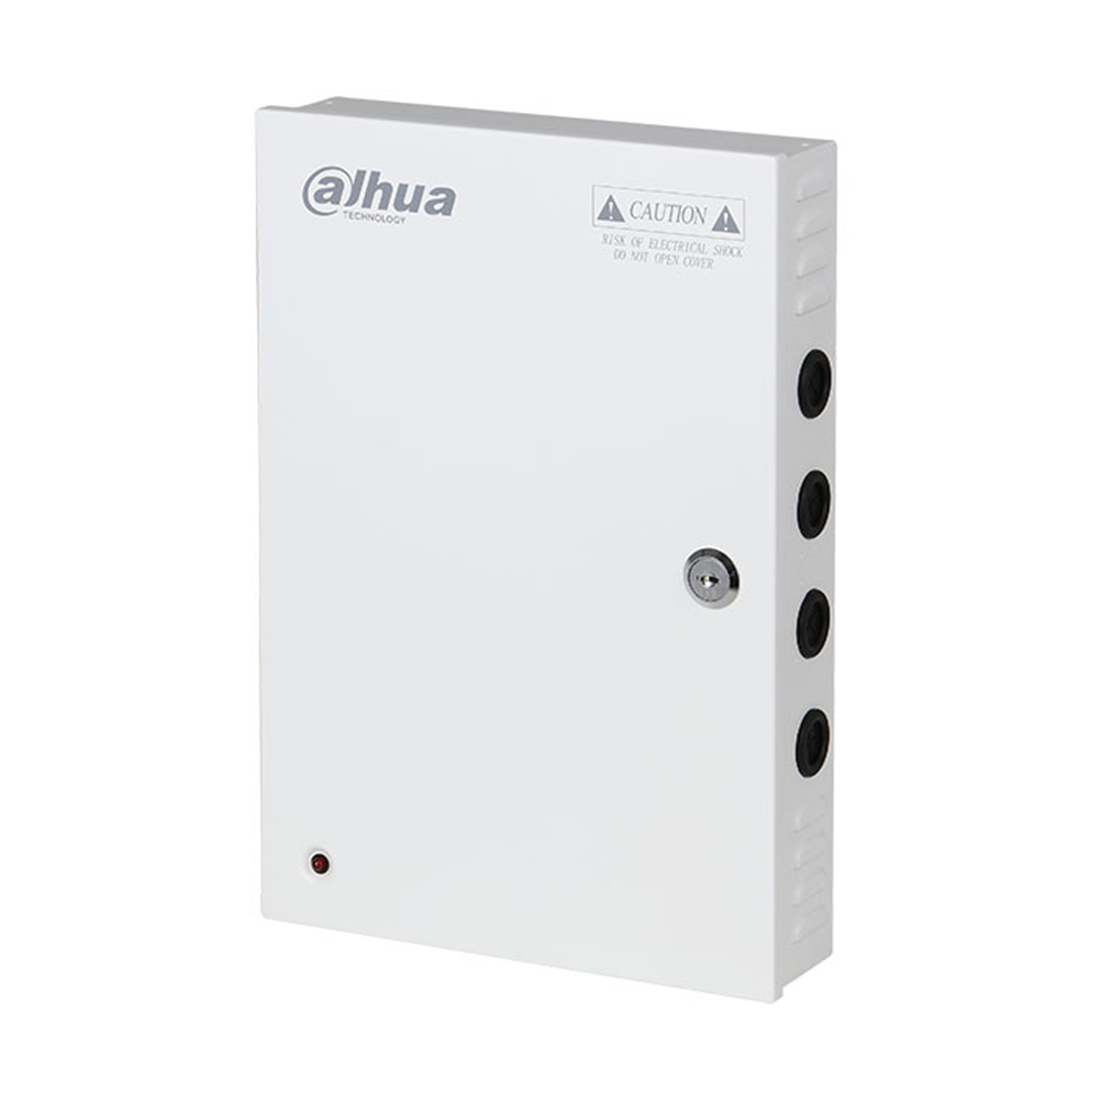 Блок питания для видеонаблюдения Dahua DH-PFM342-9CH (12 В)